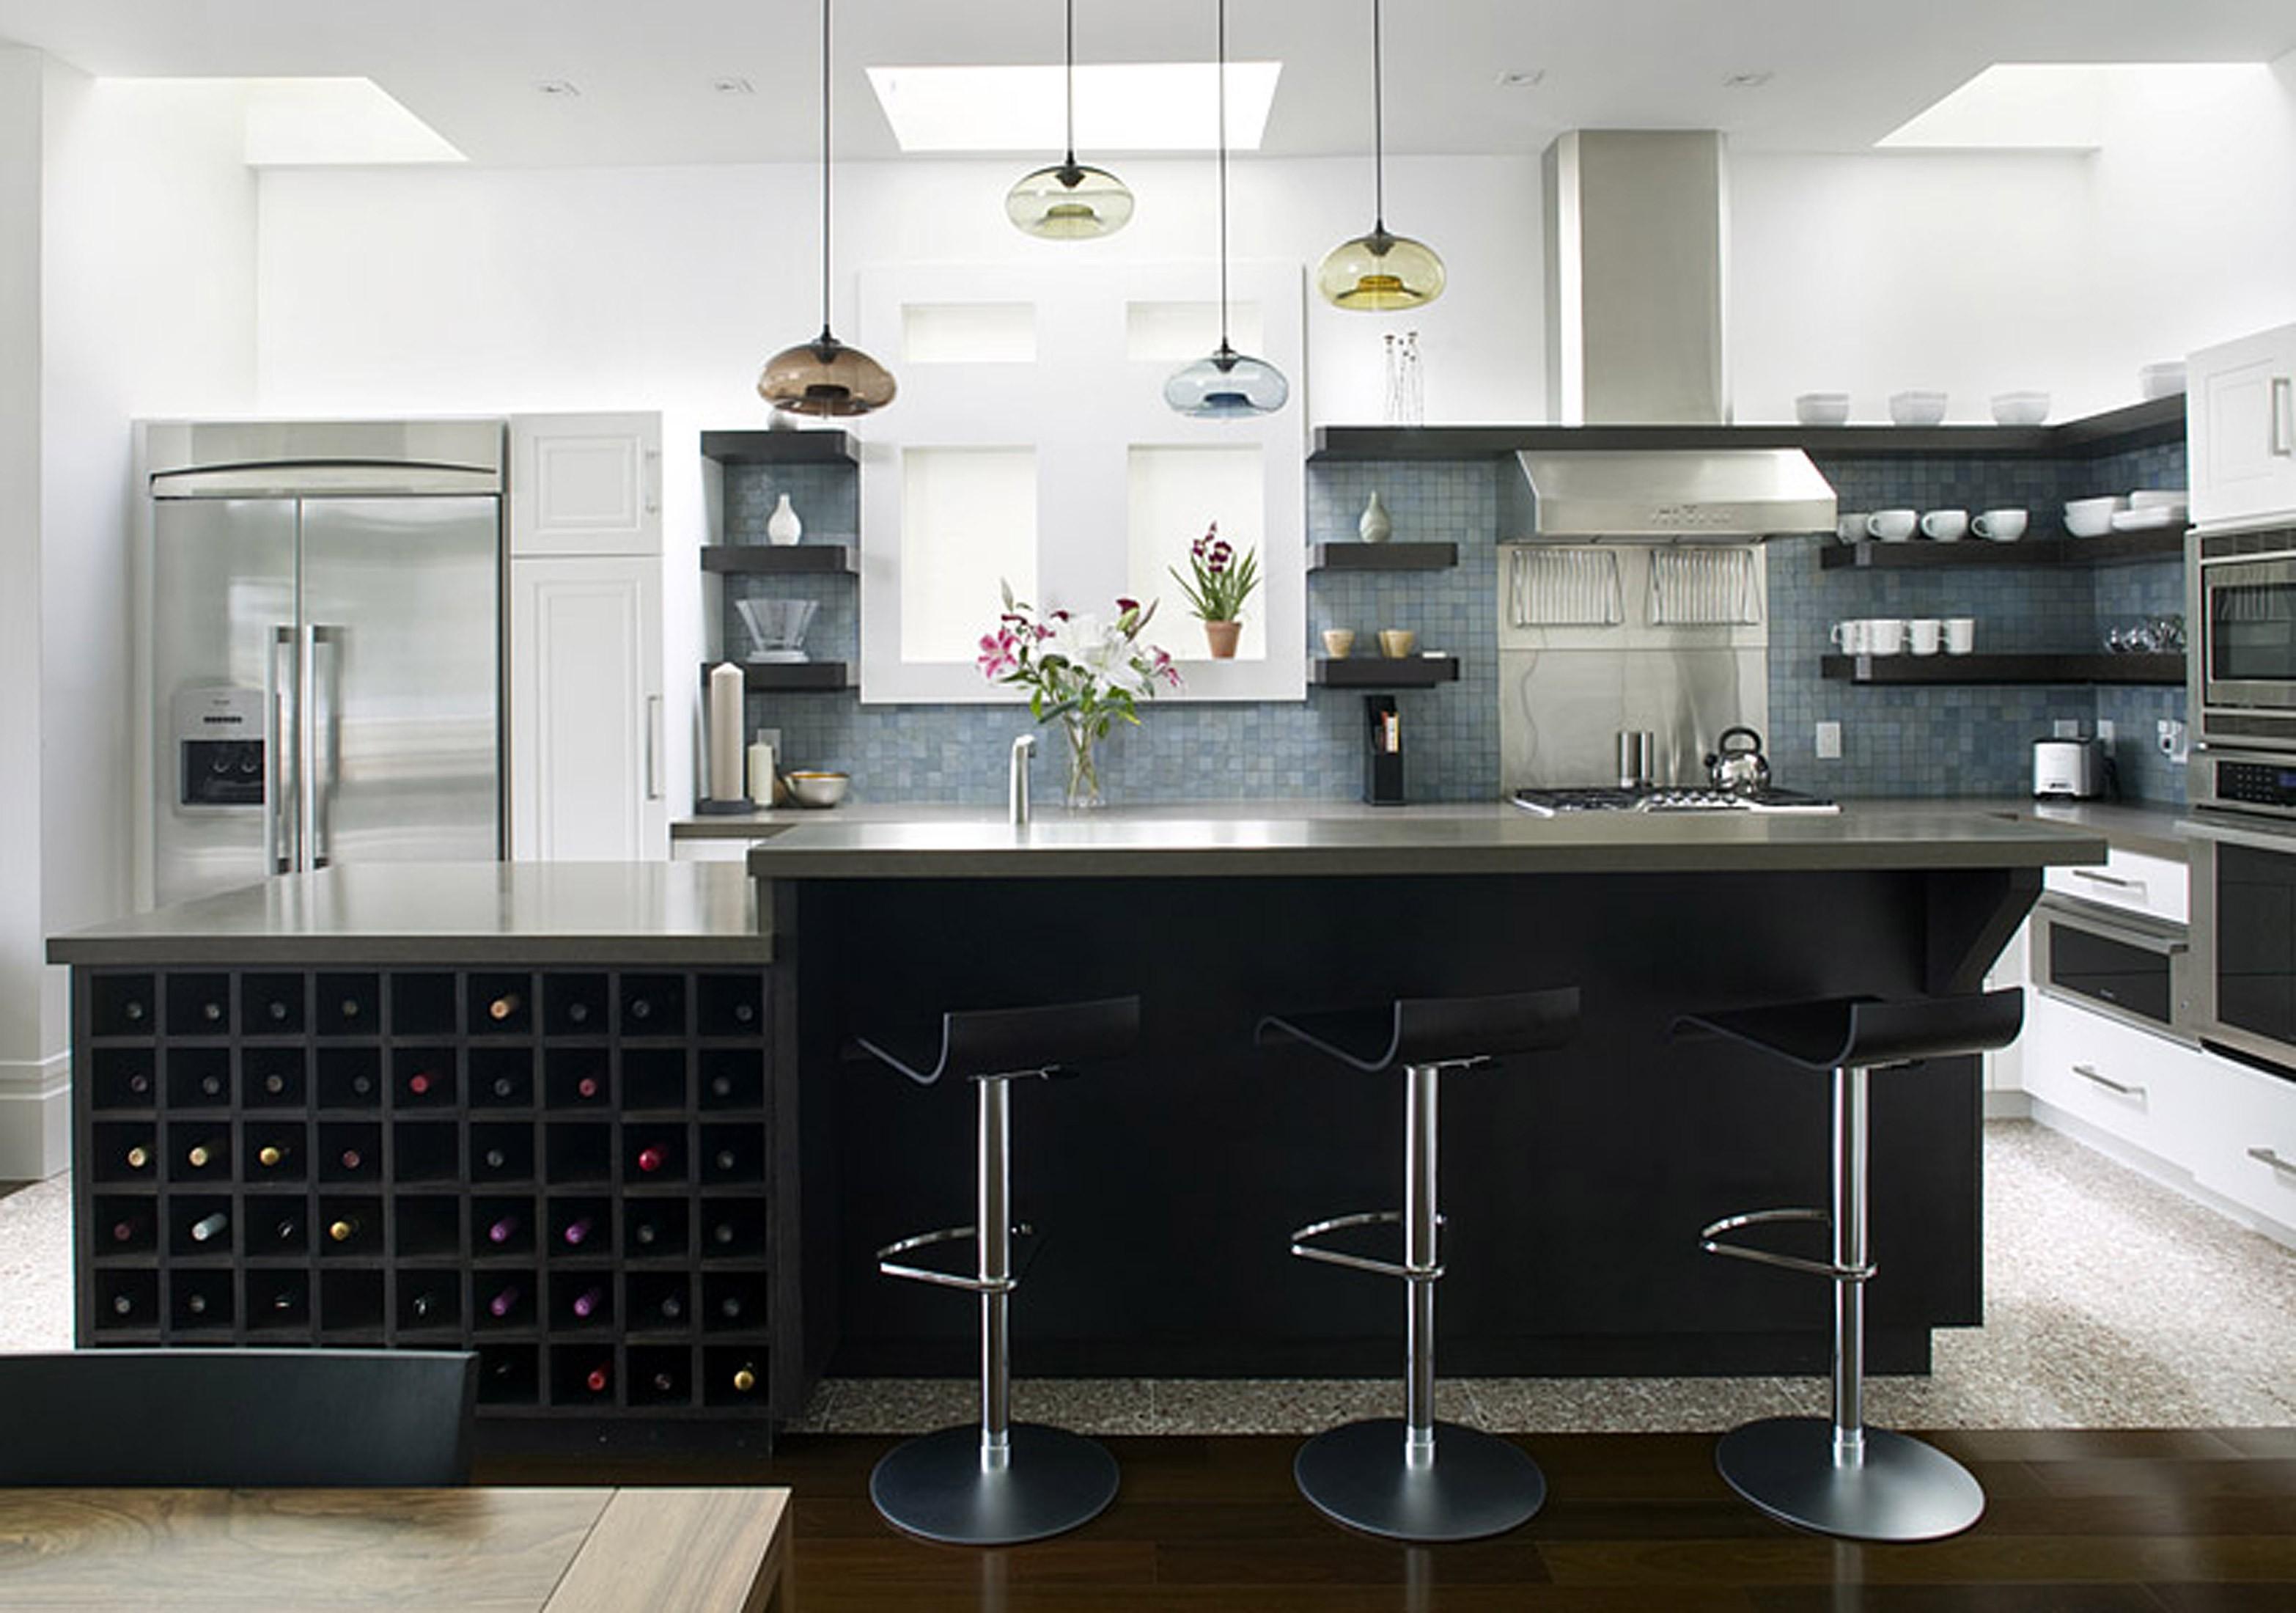 Классические барные стулья в кухонном интерьере